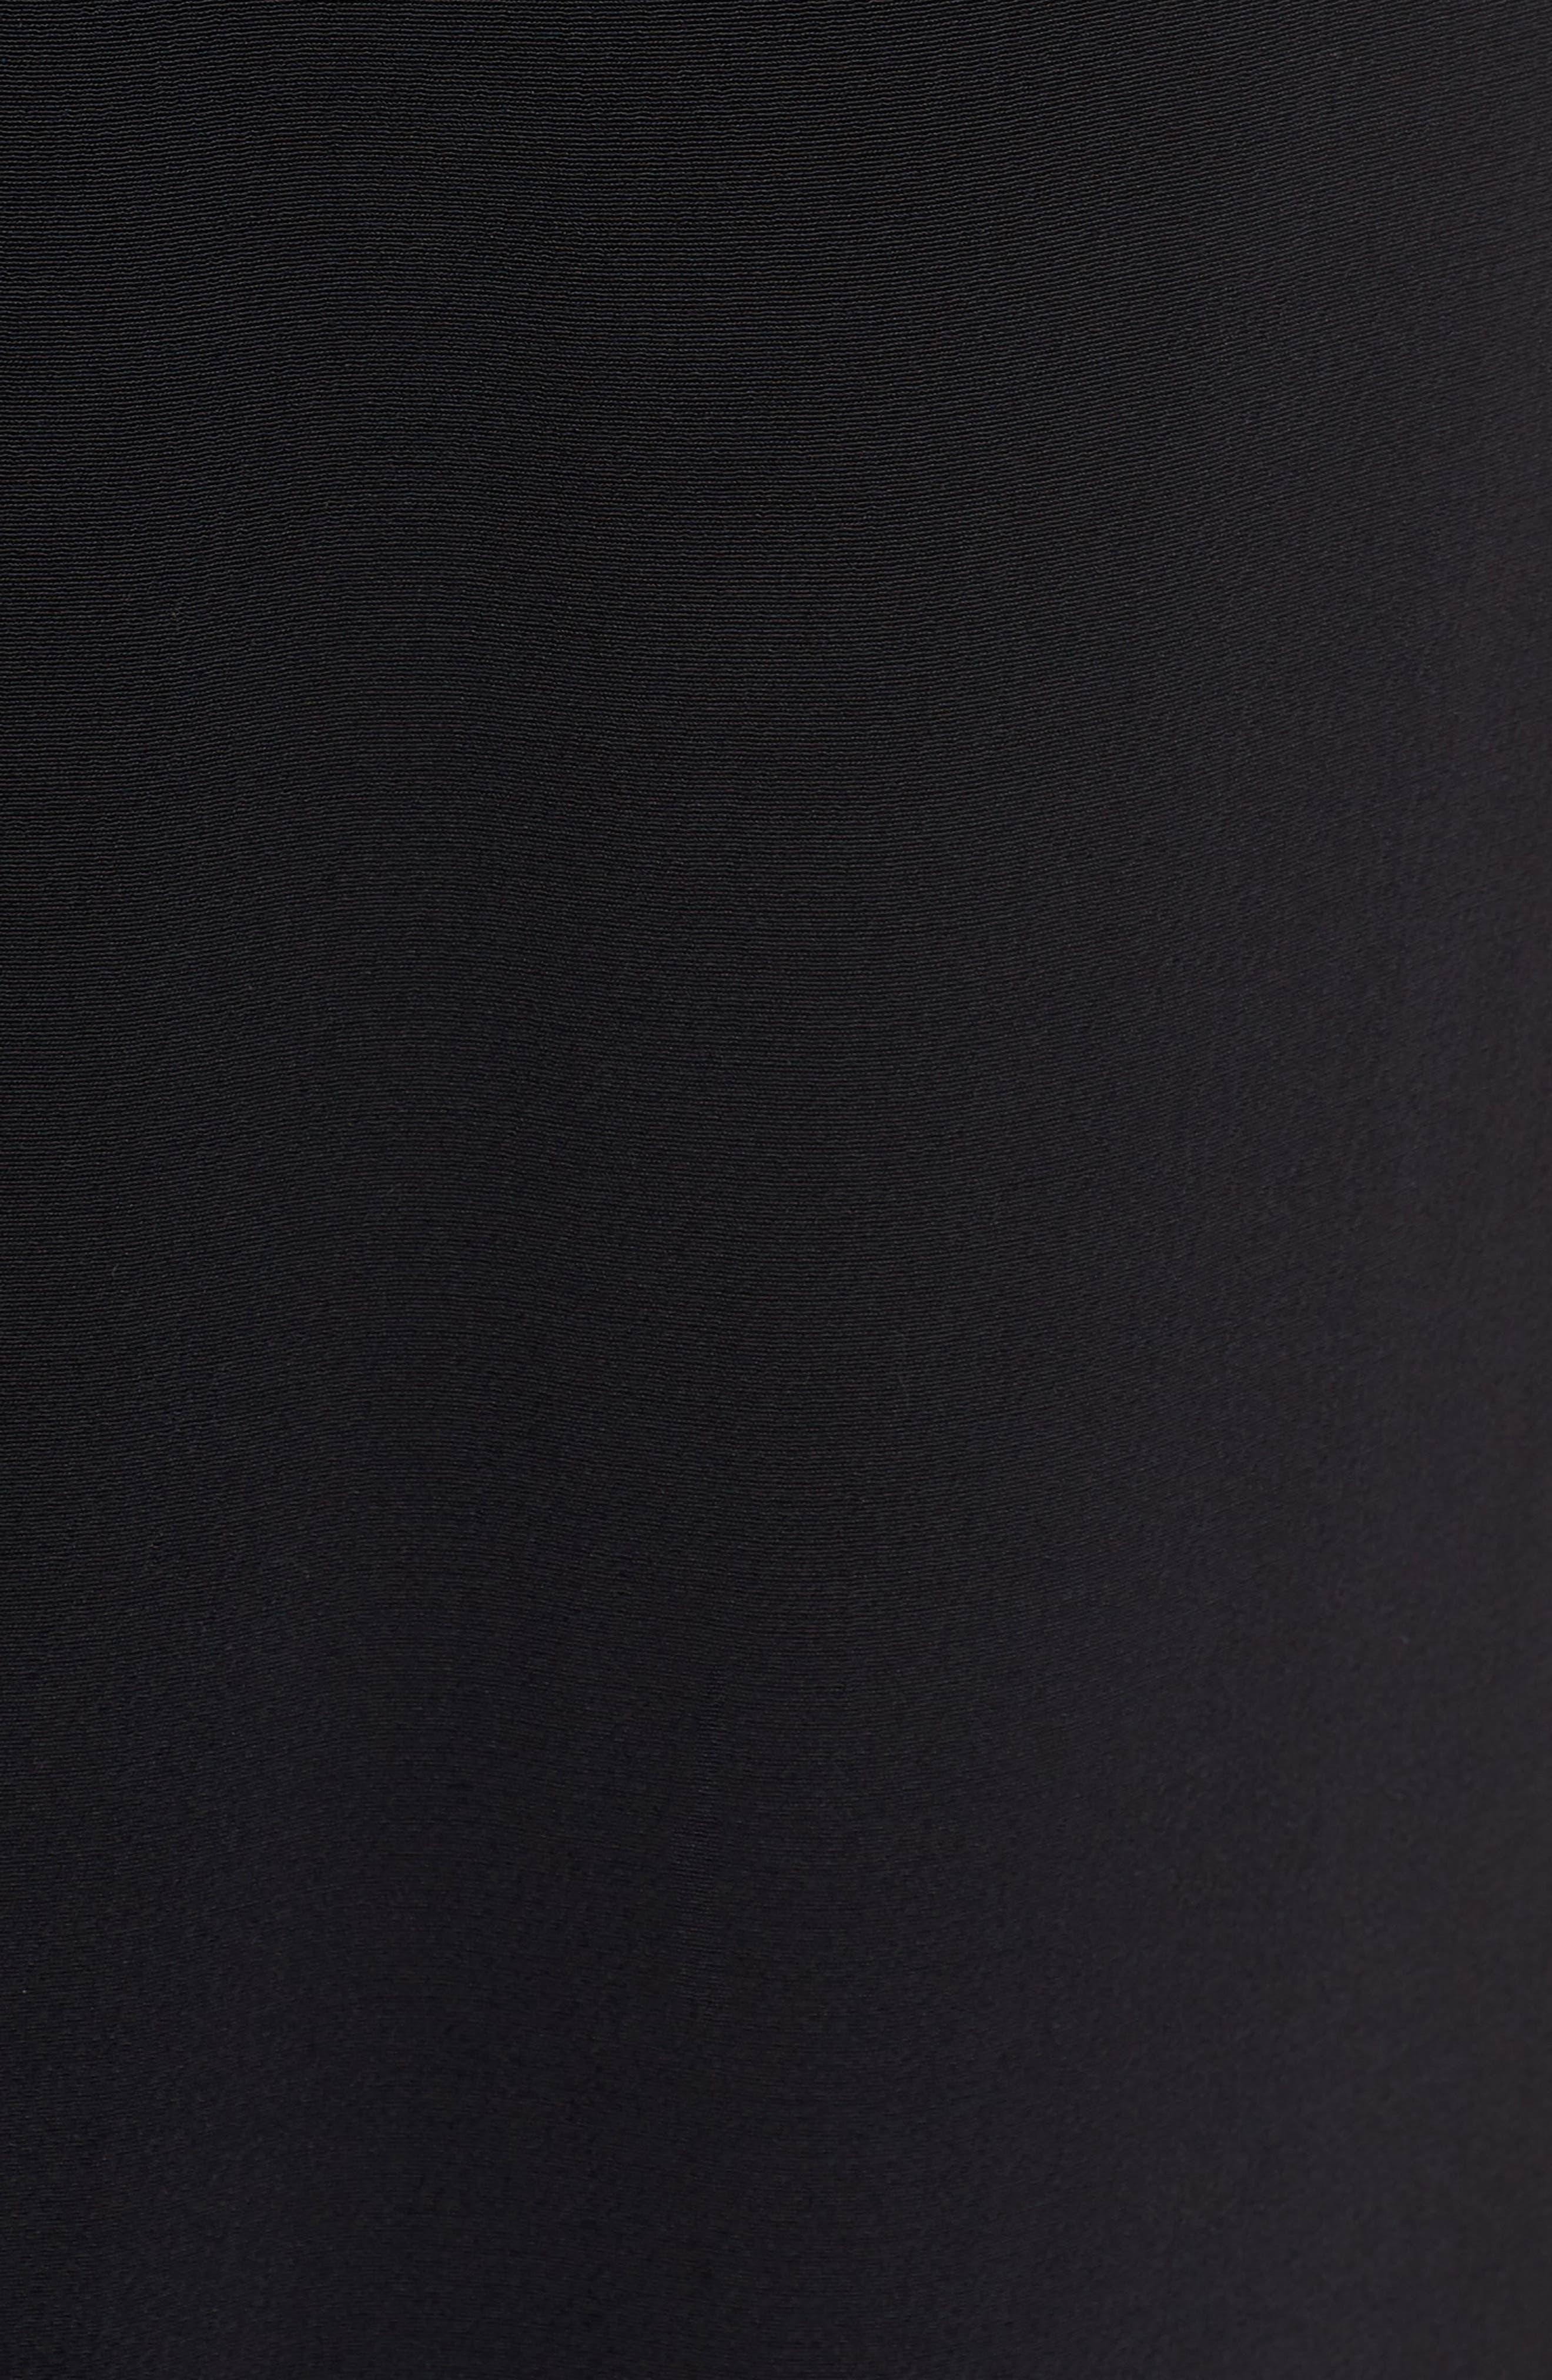 Tencel<sup>®</sup> Lyocell Blend Midi Dress,                             Alternate thumbnail 6, color,                             Black